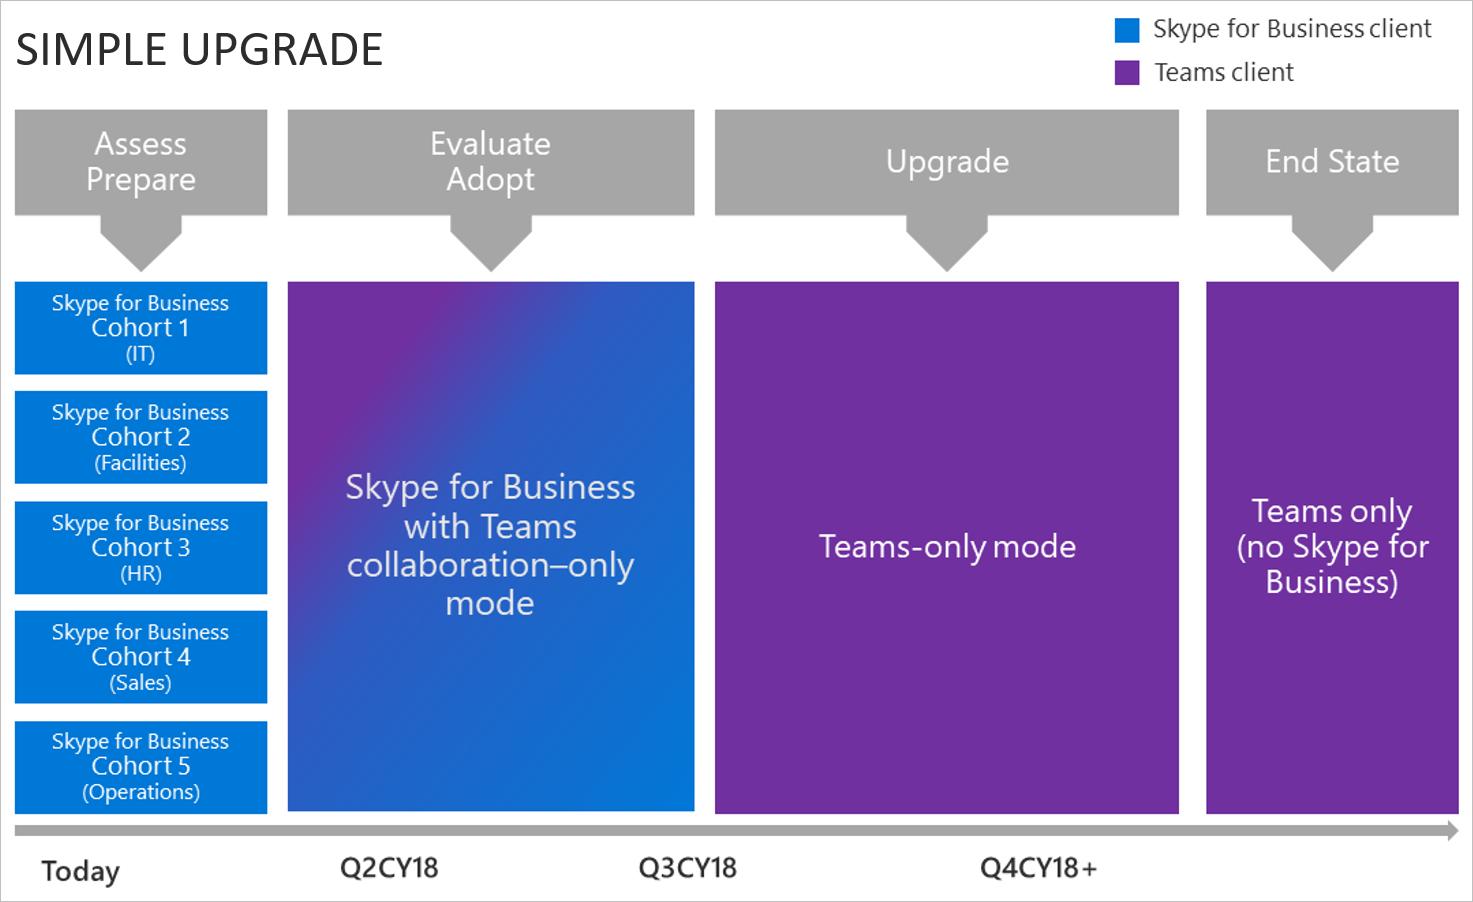 Simple-upgrade-teams